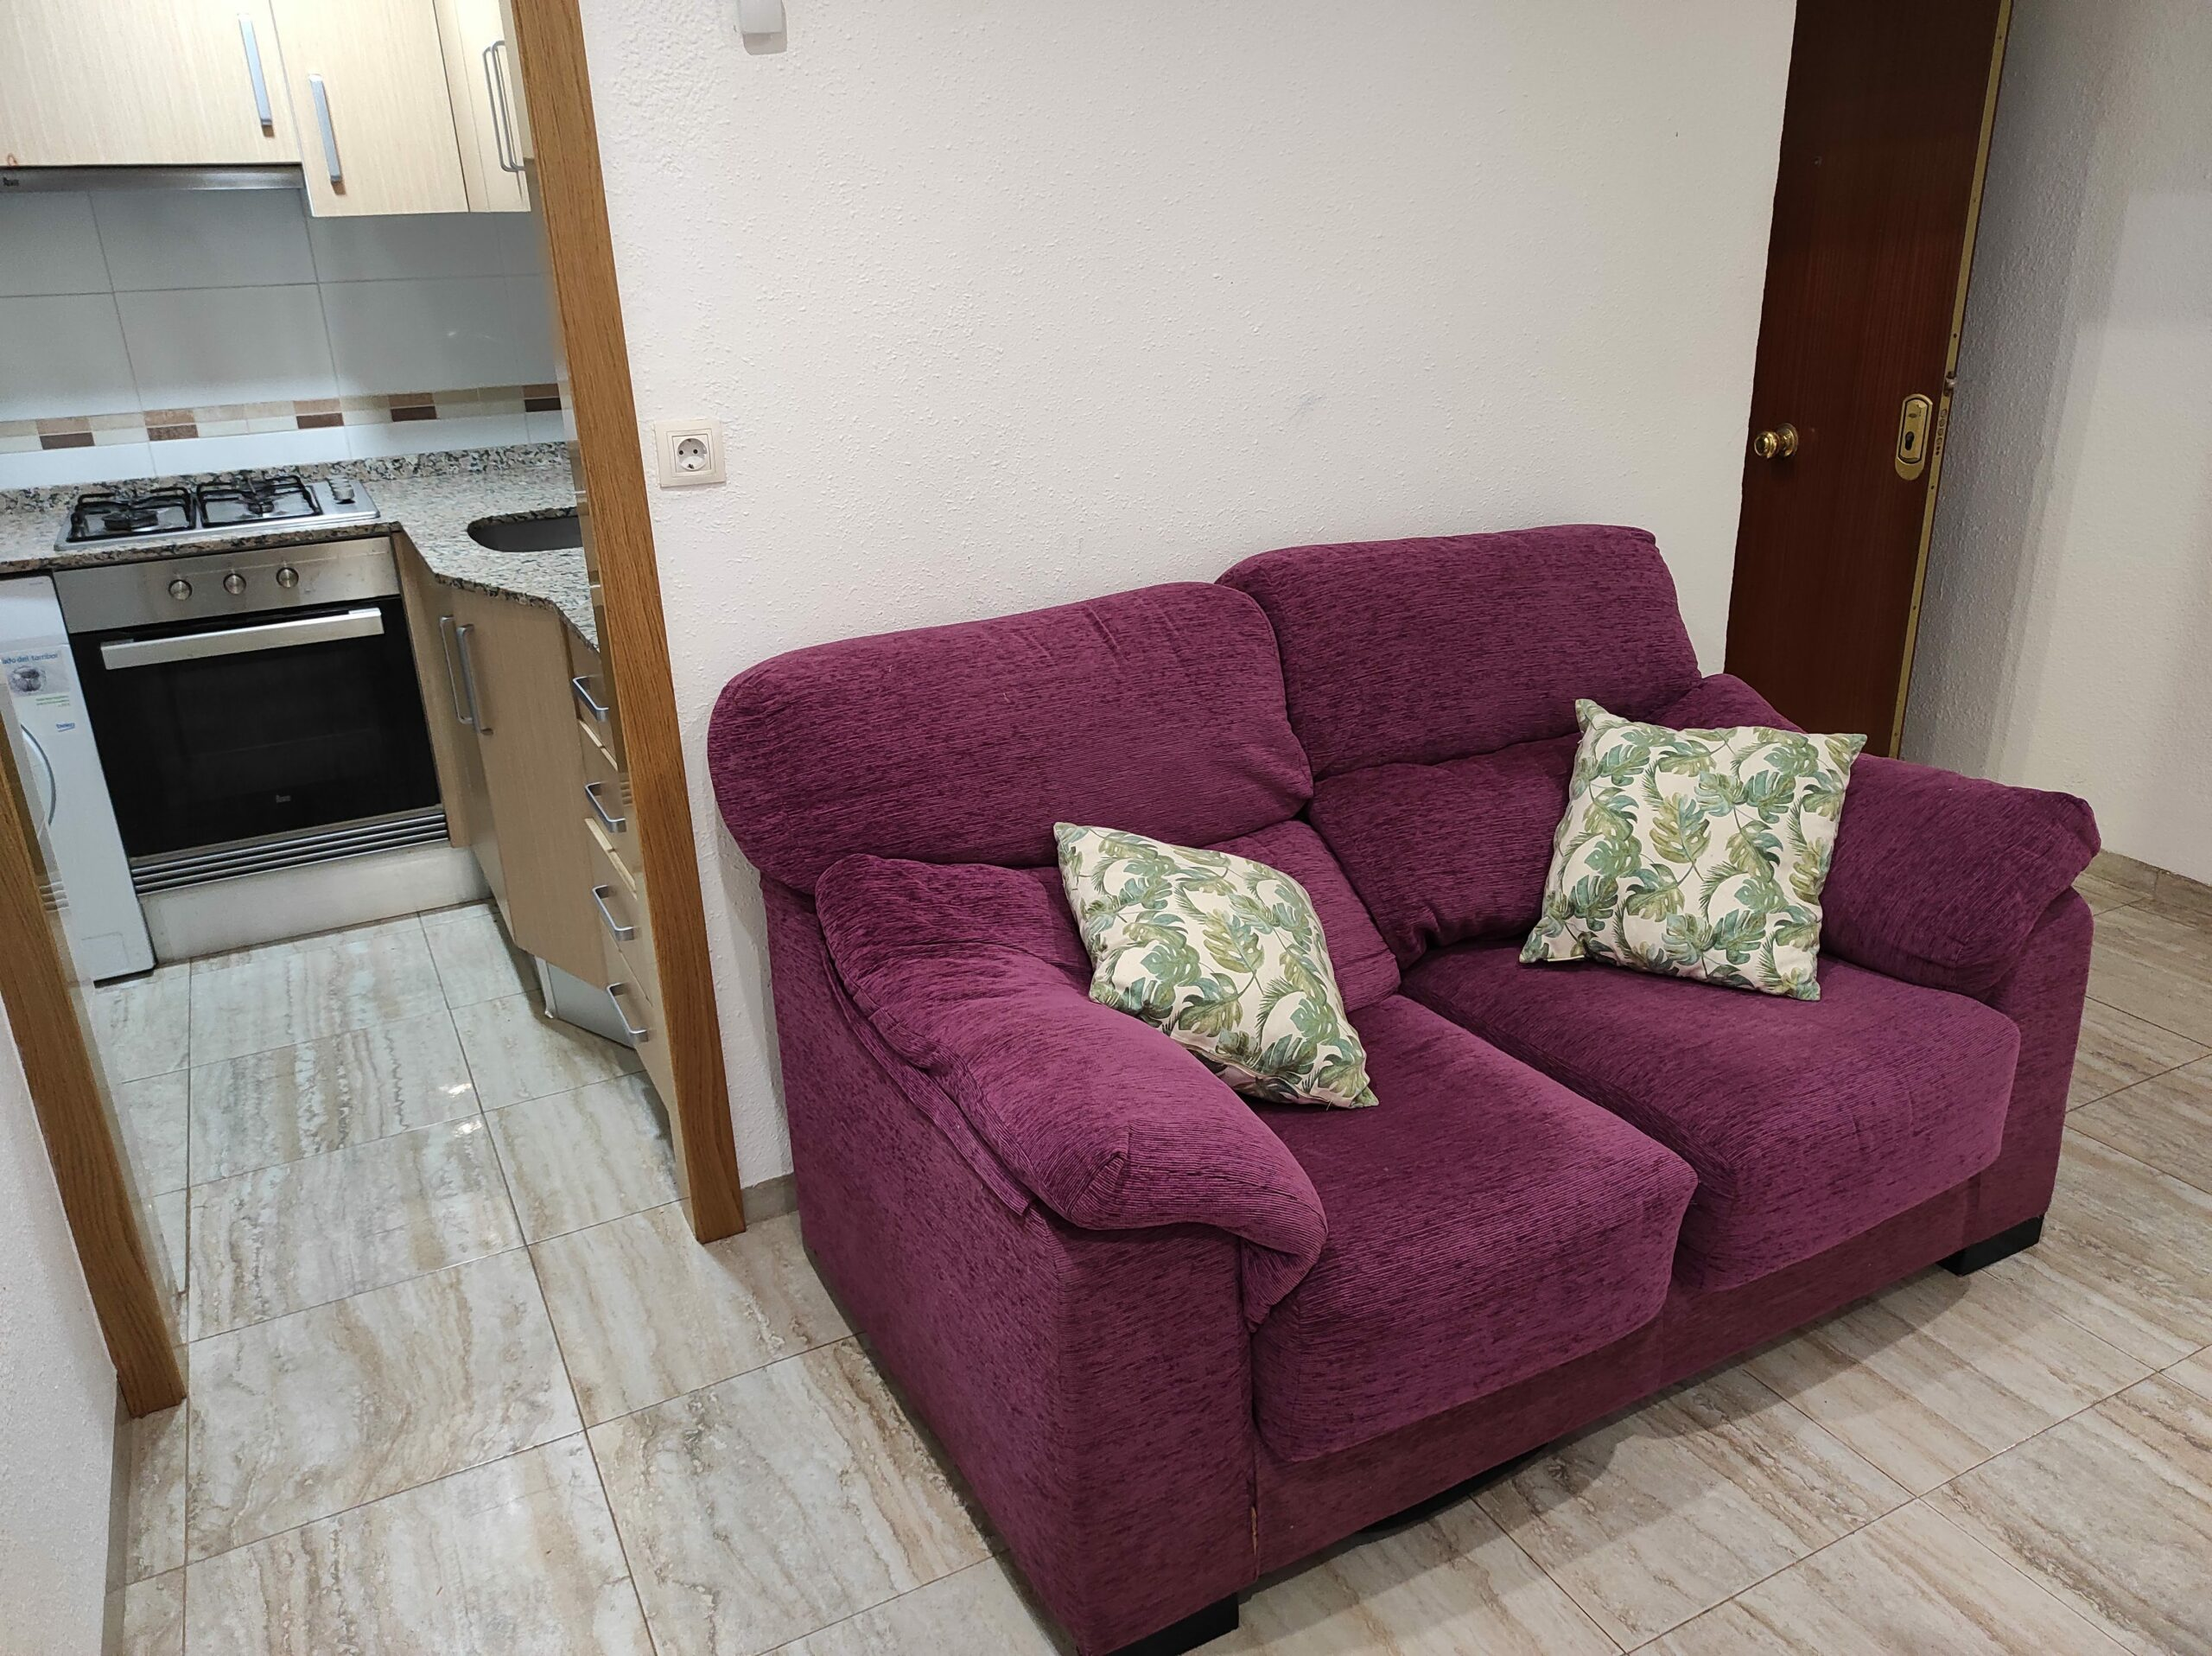 Apartment for rent in Moncada – Ref. 001136